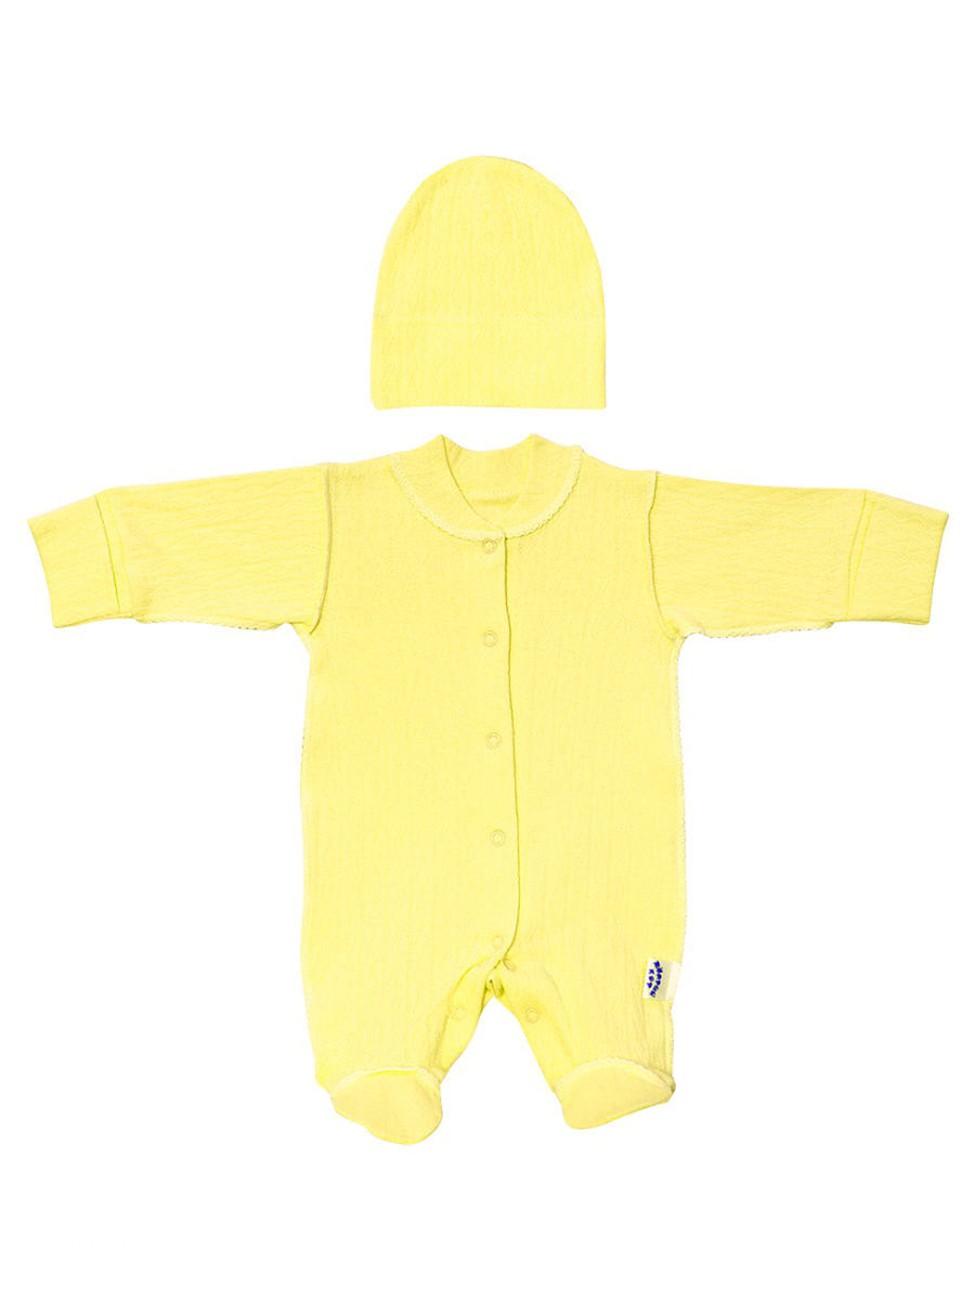 Комплект одежды Желтый кот, цв. желтый р.62 фото